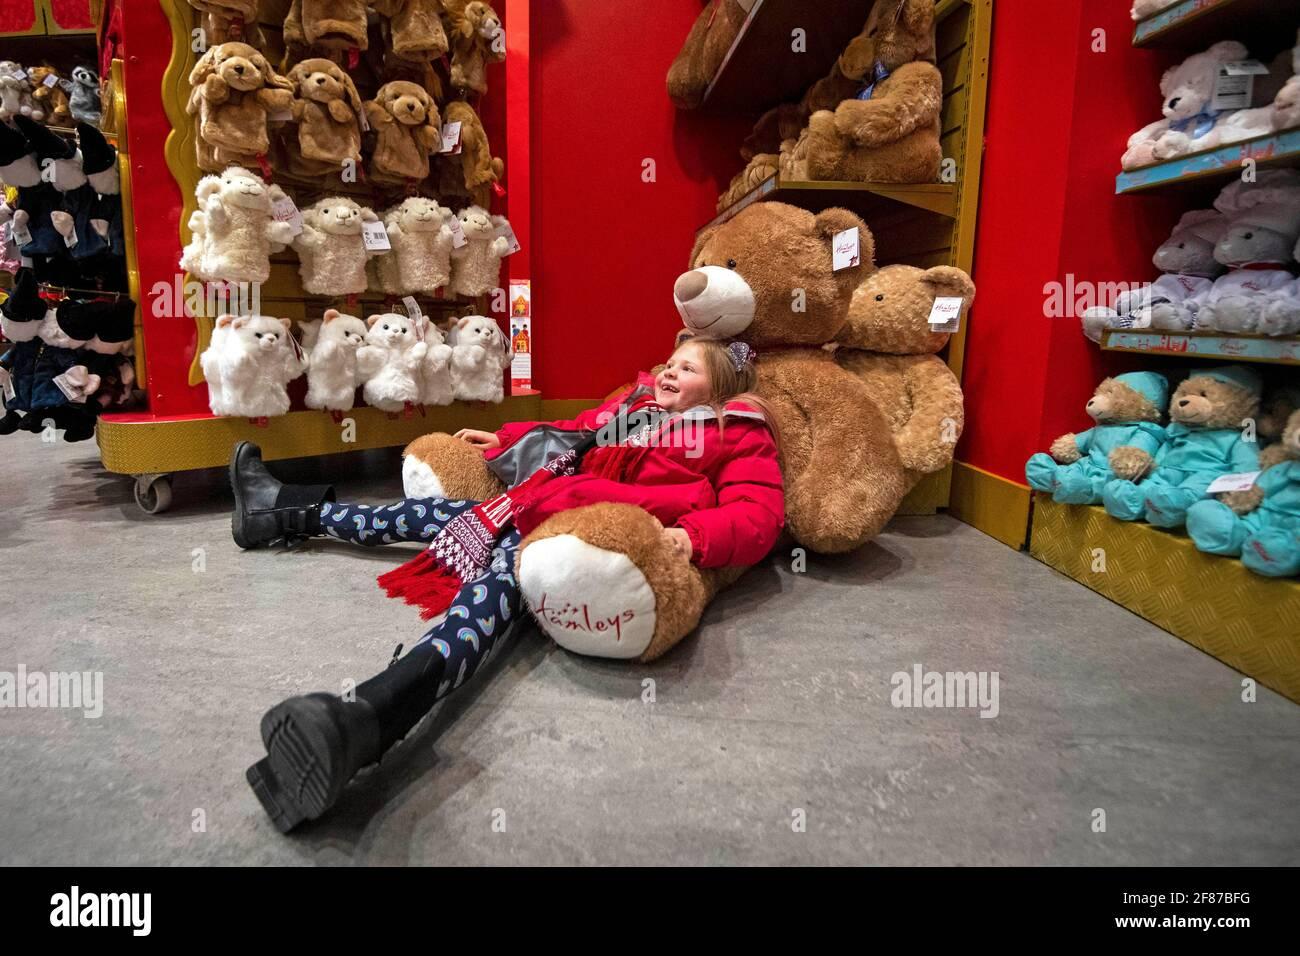 Lyla Stevens-Pierce, di 7 anni, siede su un gigantesco orsacchiotto durante la riapertura del negozio di giocattoli Hamleys su Regent Street, Londra, mentre l'Inghilterra fa un altro passo indietro verso la normalità con l'ulteriore allentamento delle restrizioni di blocco. Data immagine: Lunedì 12 aprile 2021. Foto Stock